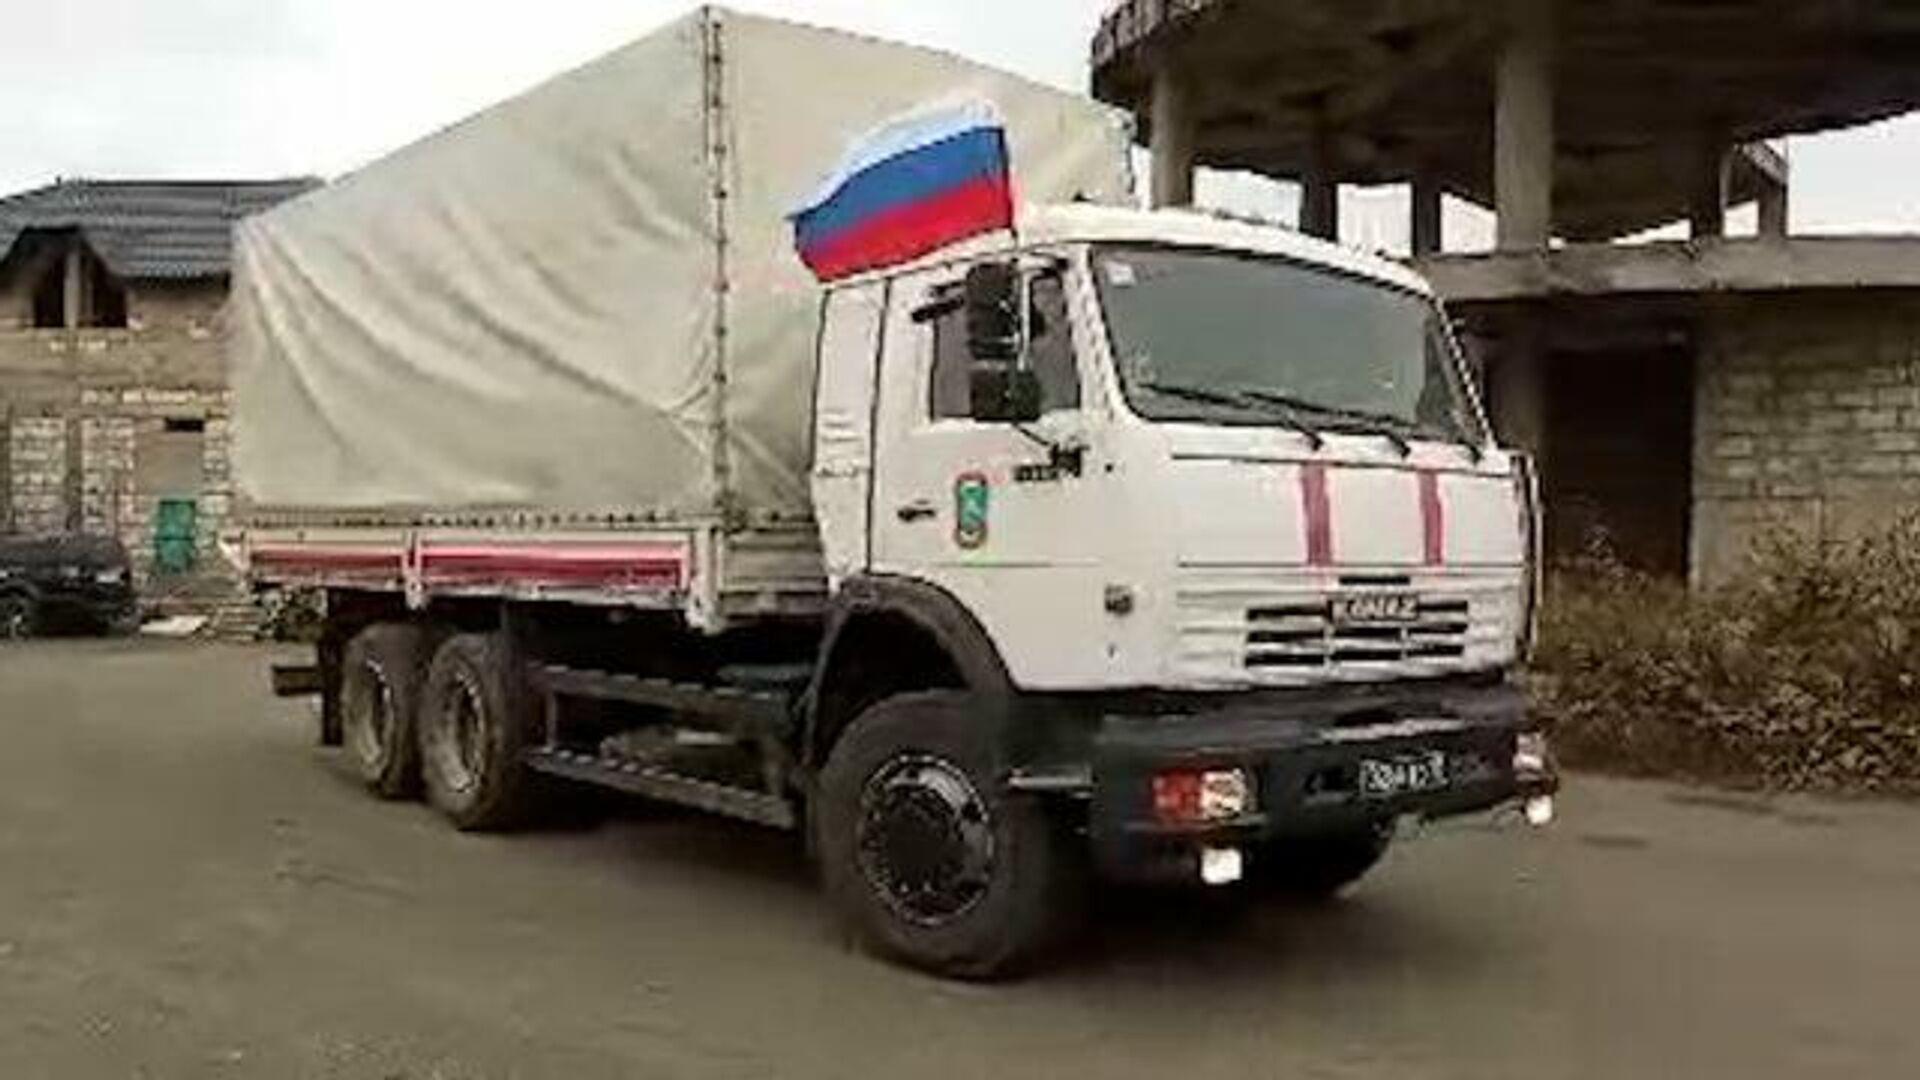 Колонна грузовиков с гуманитарной помощью прибыла в Степанакерт  - РИА Новости, 1920, 21.11.2020